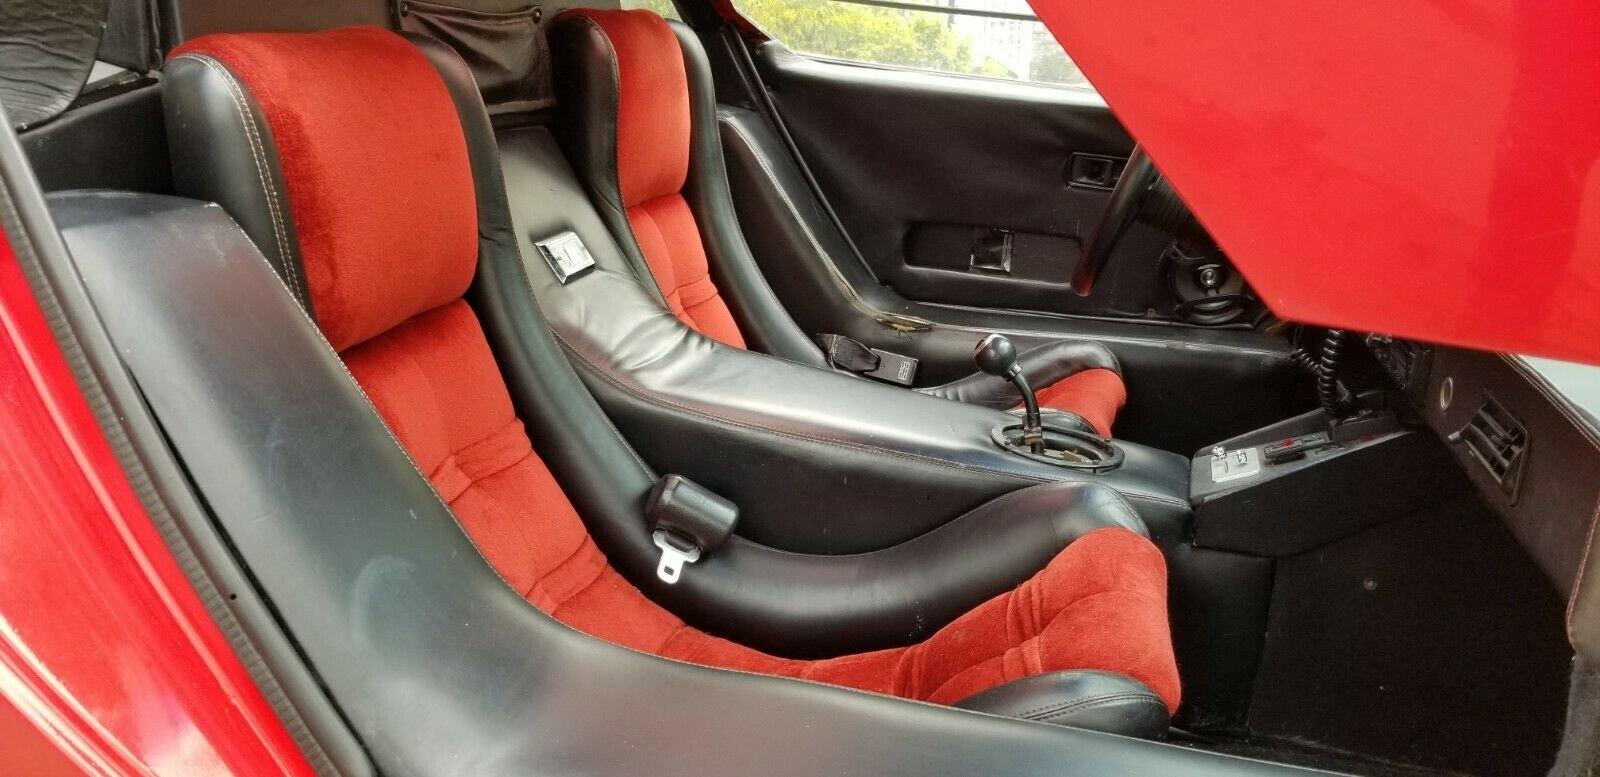 1988 Lamborghini Countach Replica by KMC Easton For Sale (picture 3 of 5)